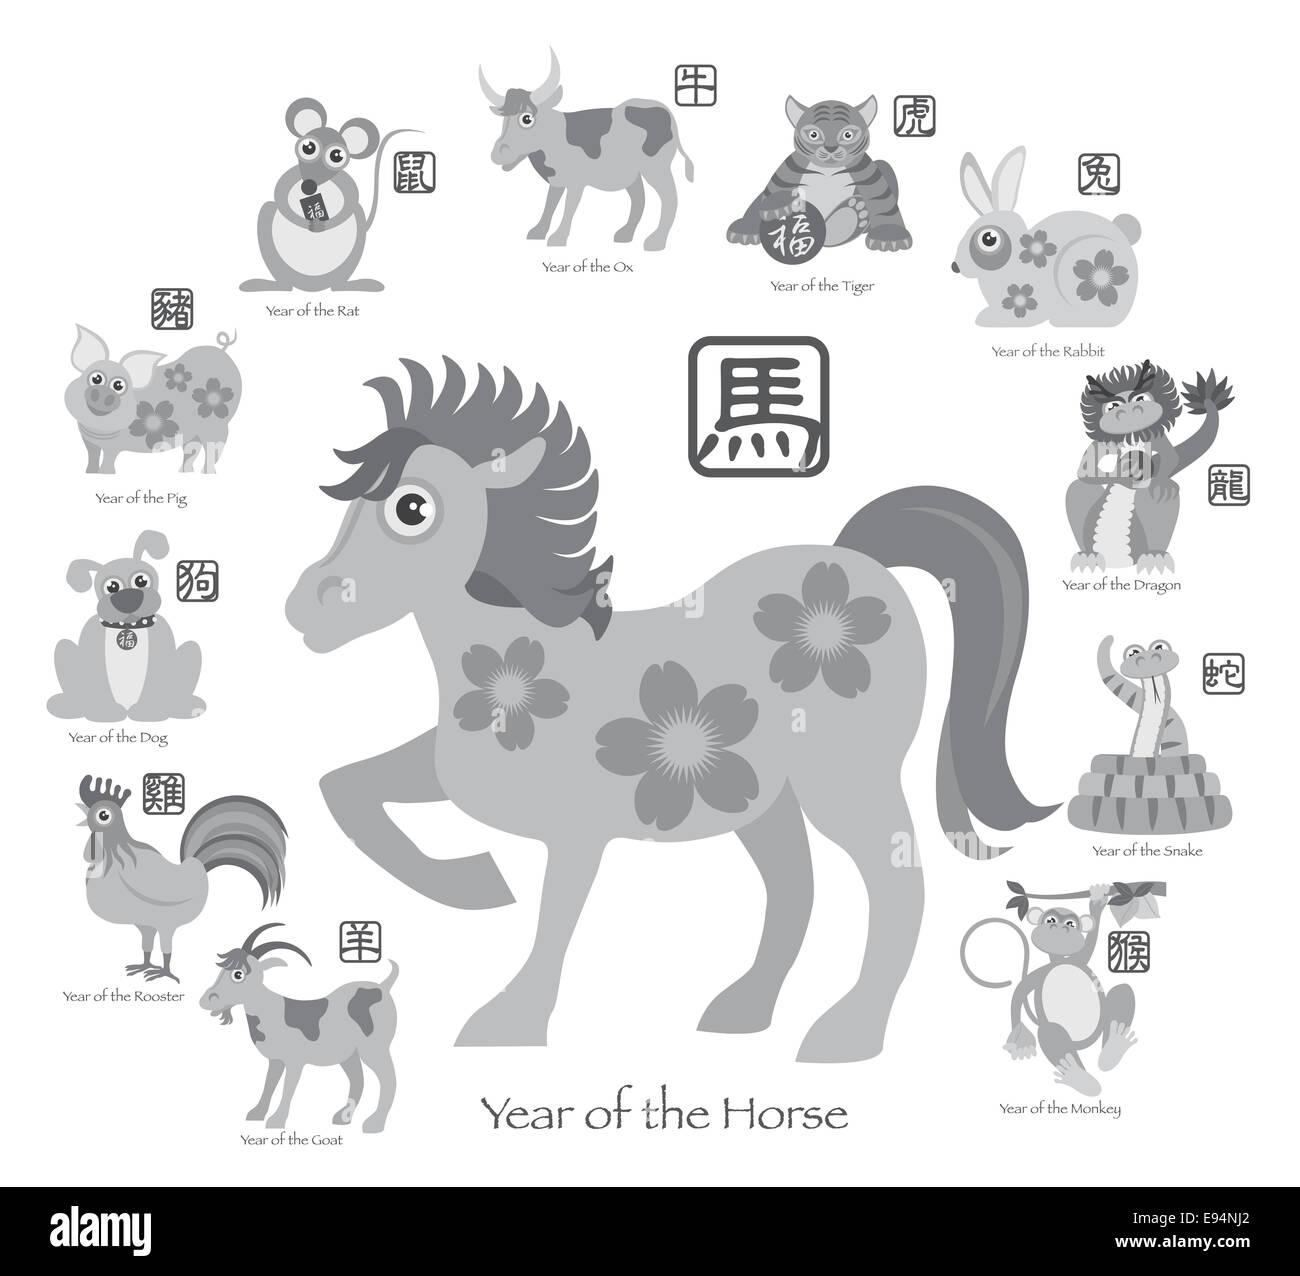 Le Nouvel An chinois du Cheval 2014 avec douze zodiaques chinois avec joint en texte gris cercle Illustration Photo Stock